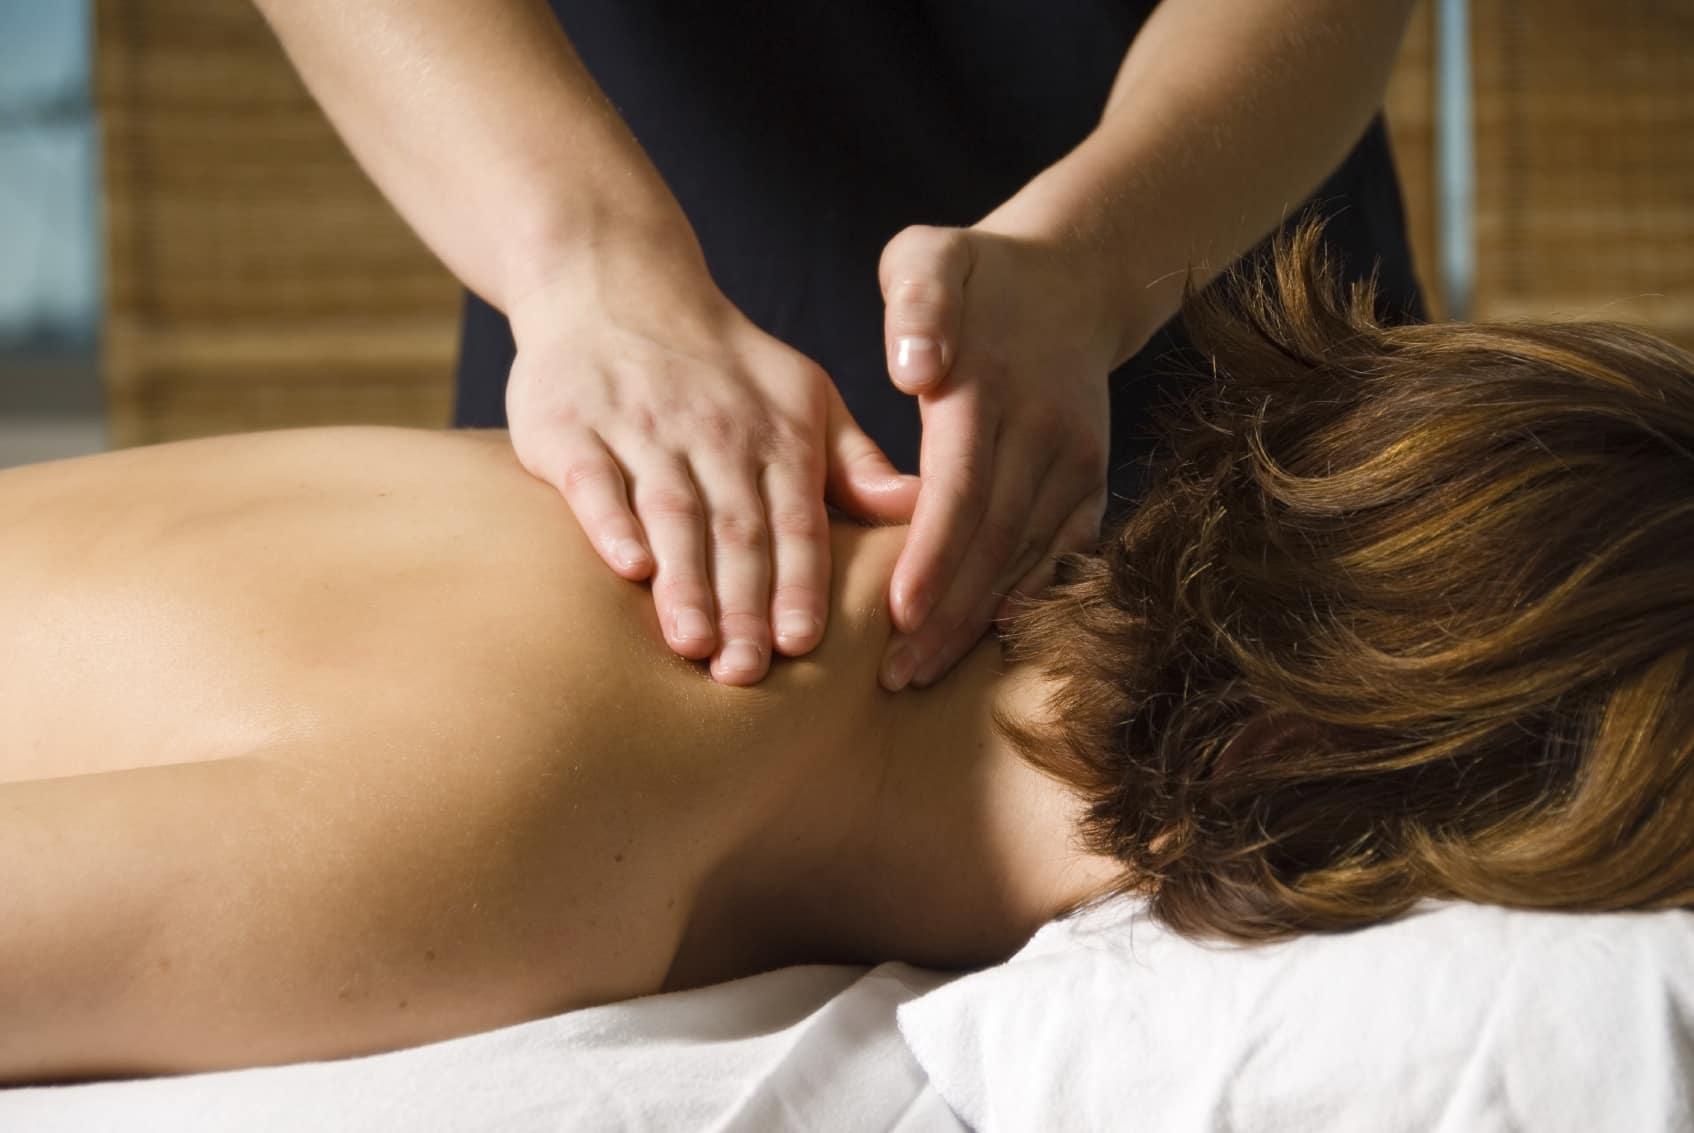 nieuwe sexcontacten hete massage